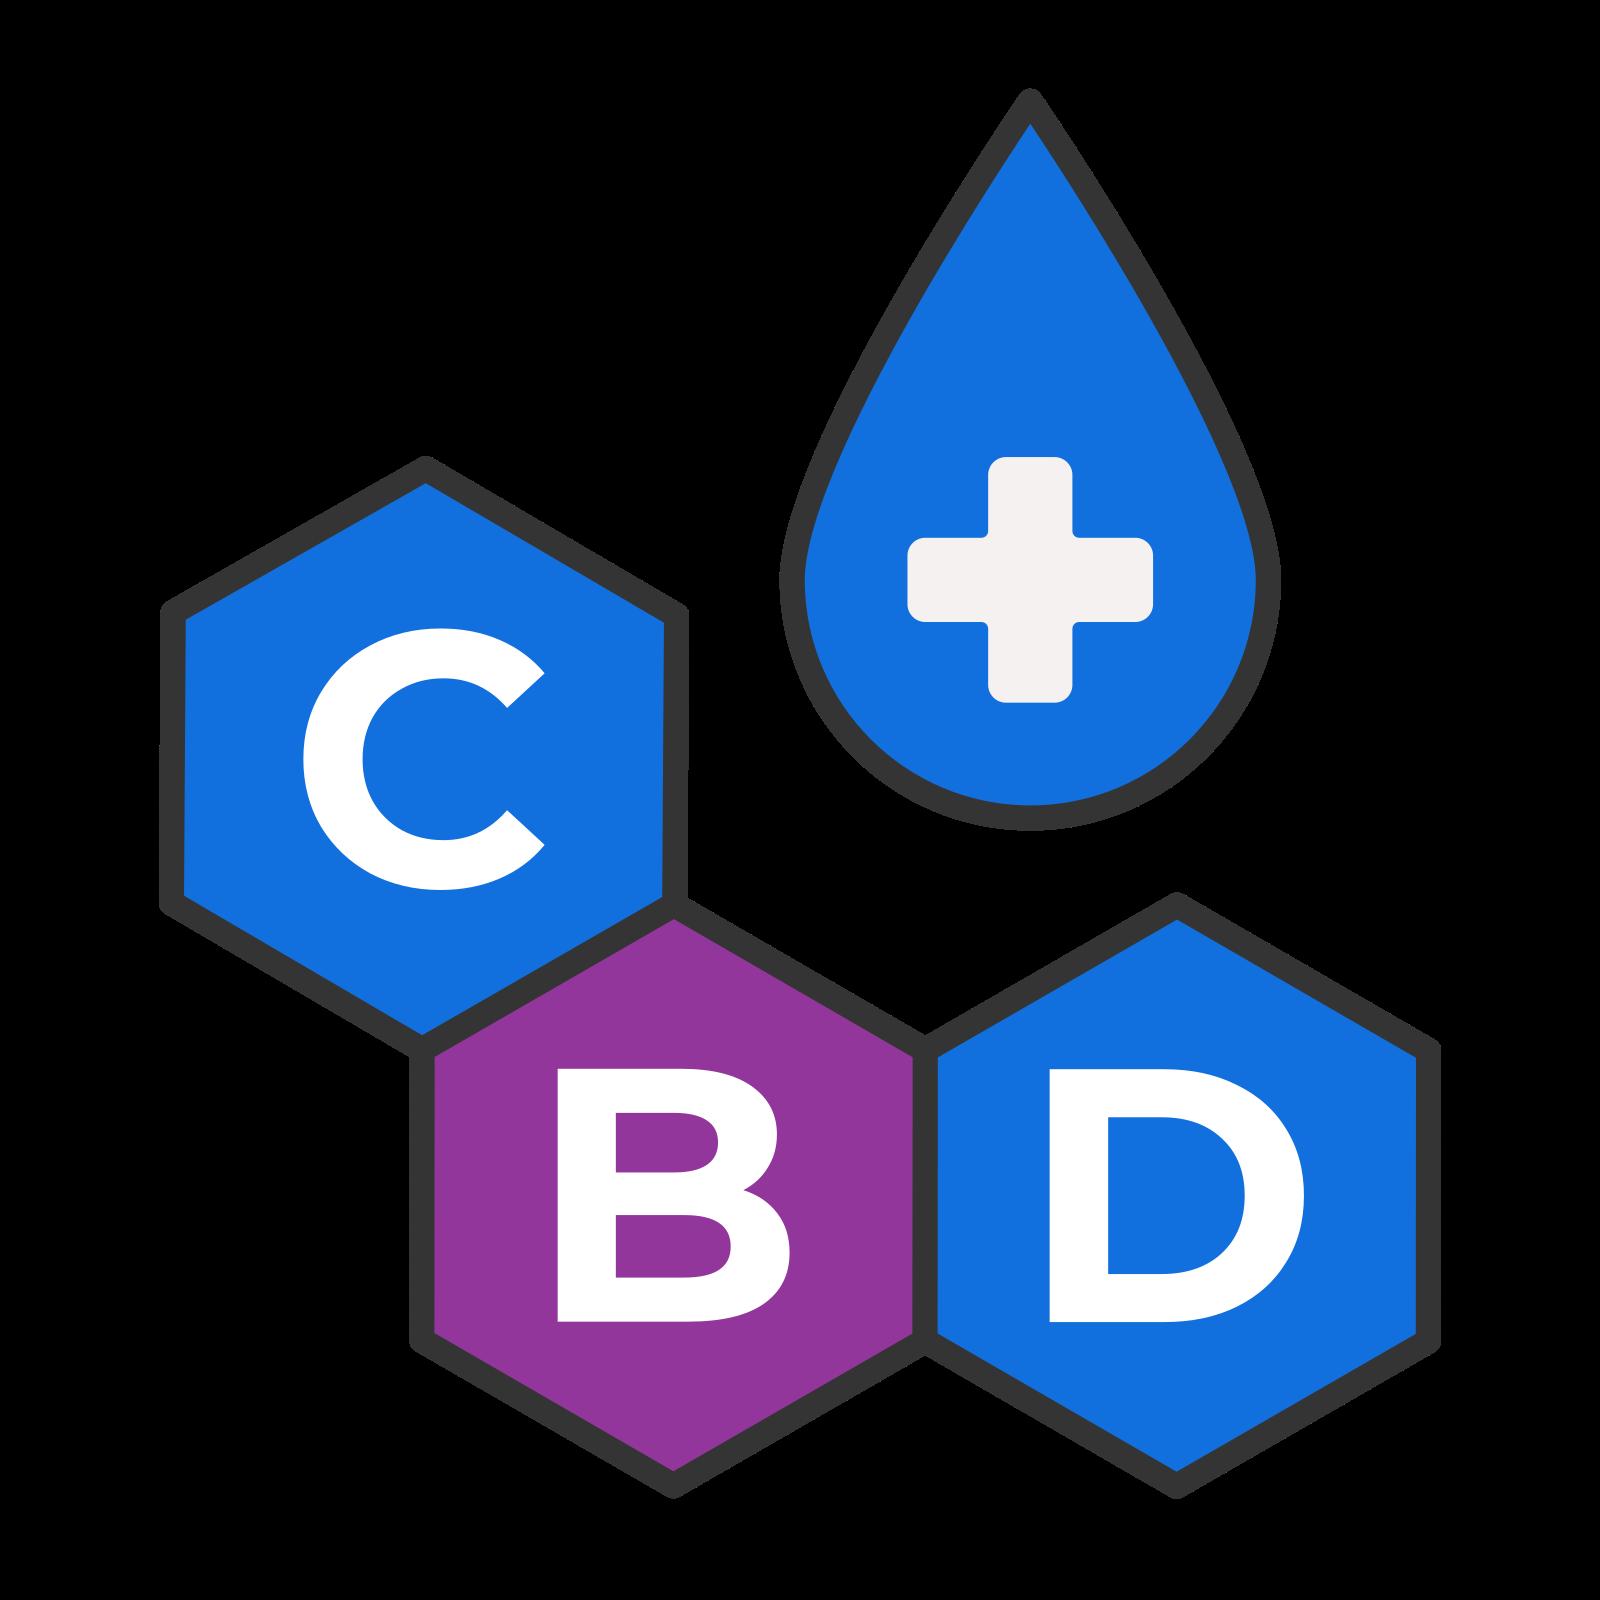 logo for cbd shop one